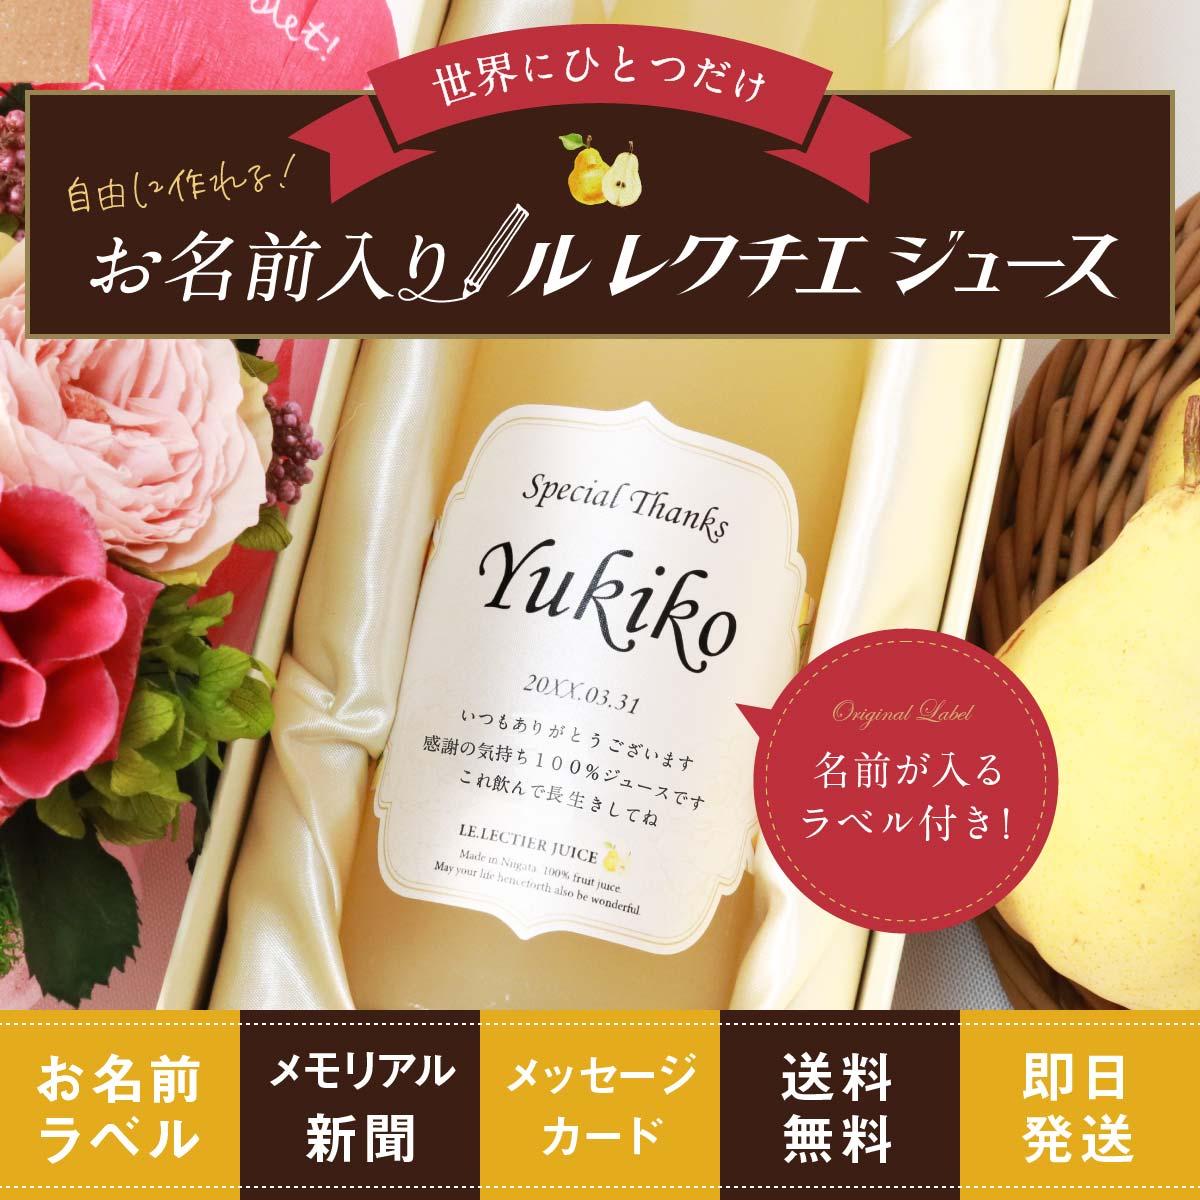 還暦祝い|高級果実、ル・レクチエ(洋梨)果汁100%「chou-chou」500ml(ジュース)